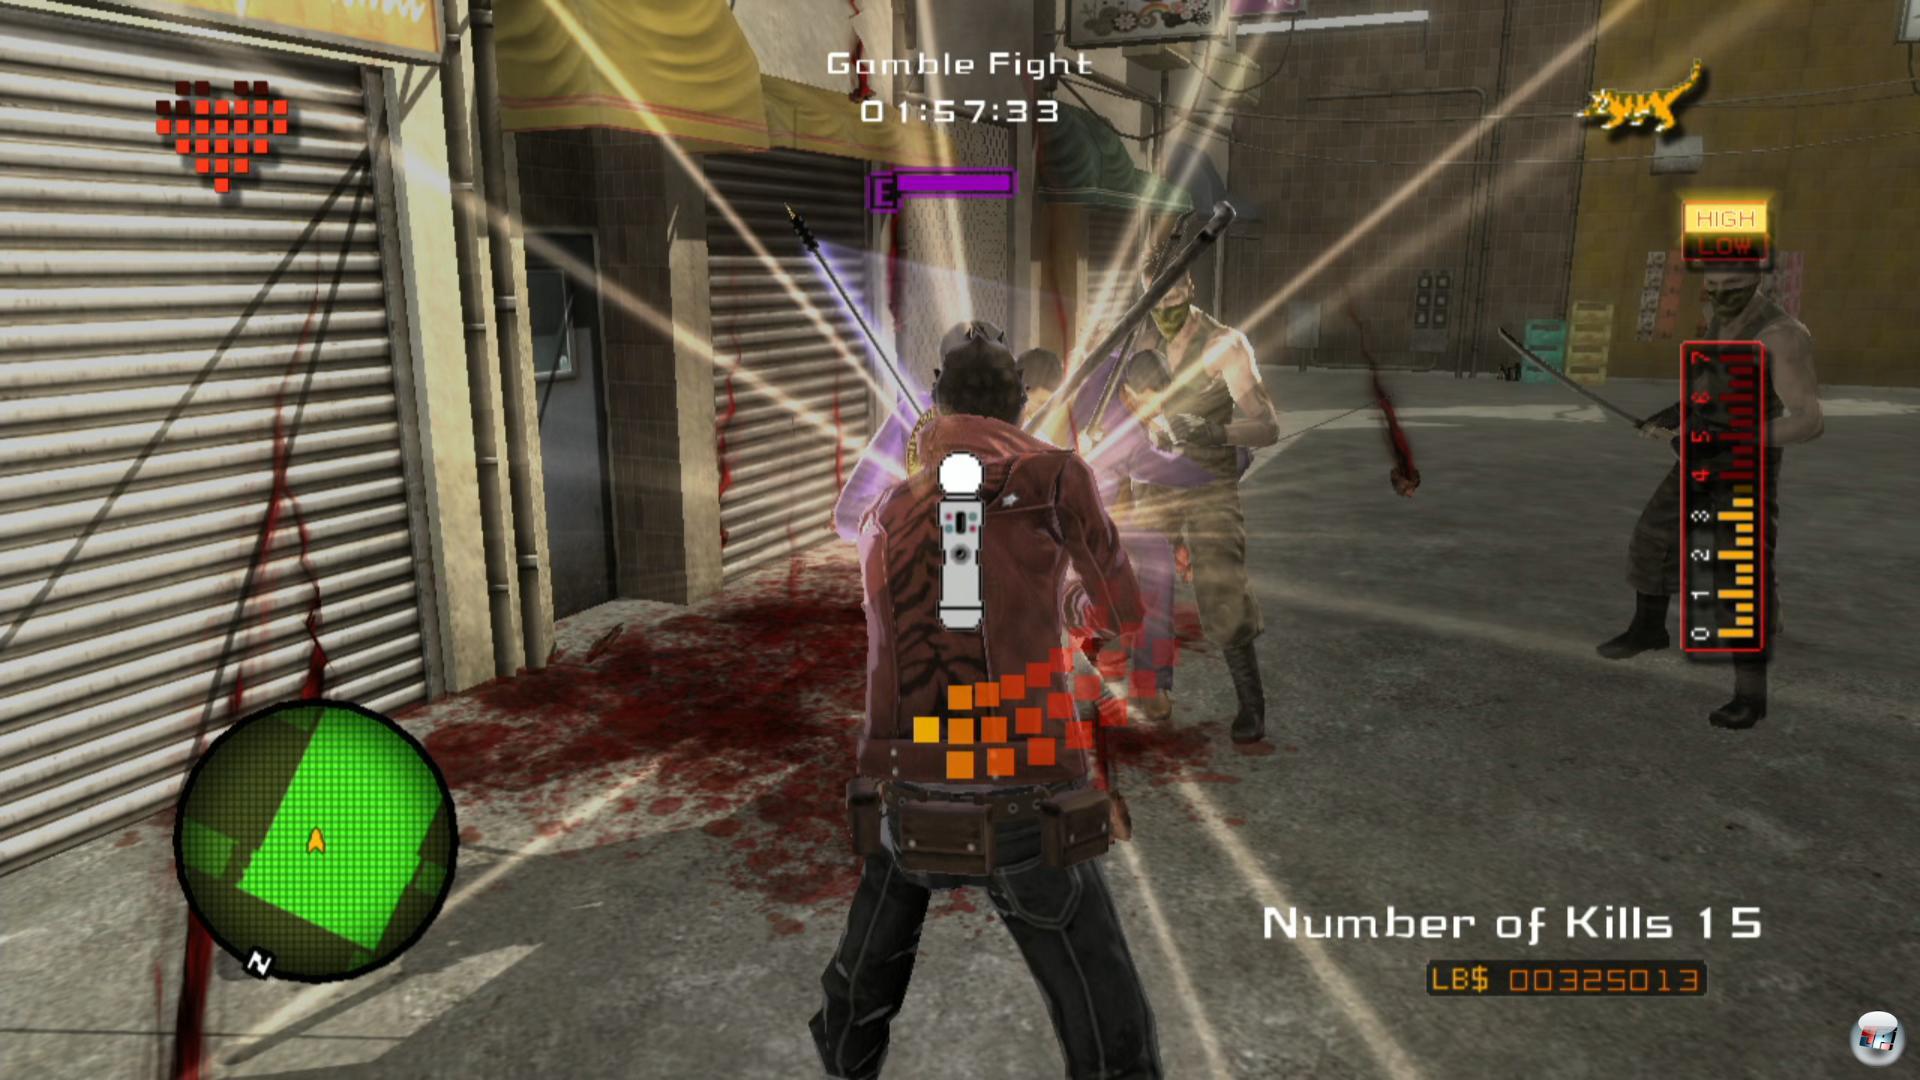 Auf der PS3 kann man entweder mit Navigation- und Move-Controller oder dem klassischen Sixaxis-Gamepad loslegen.